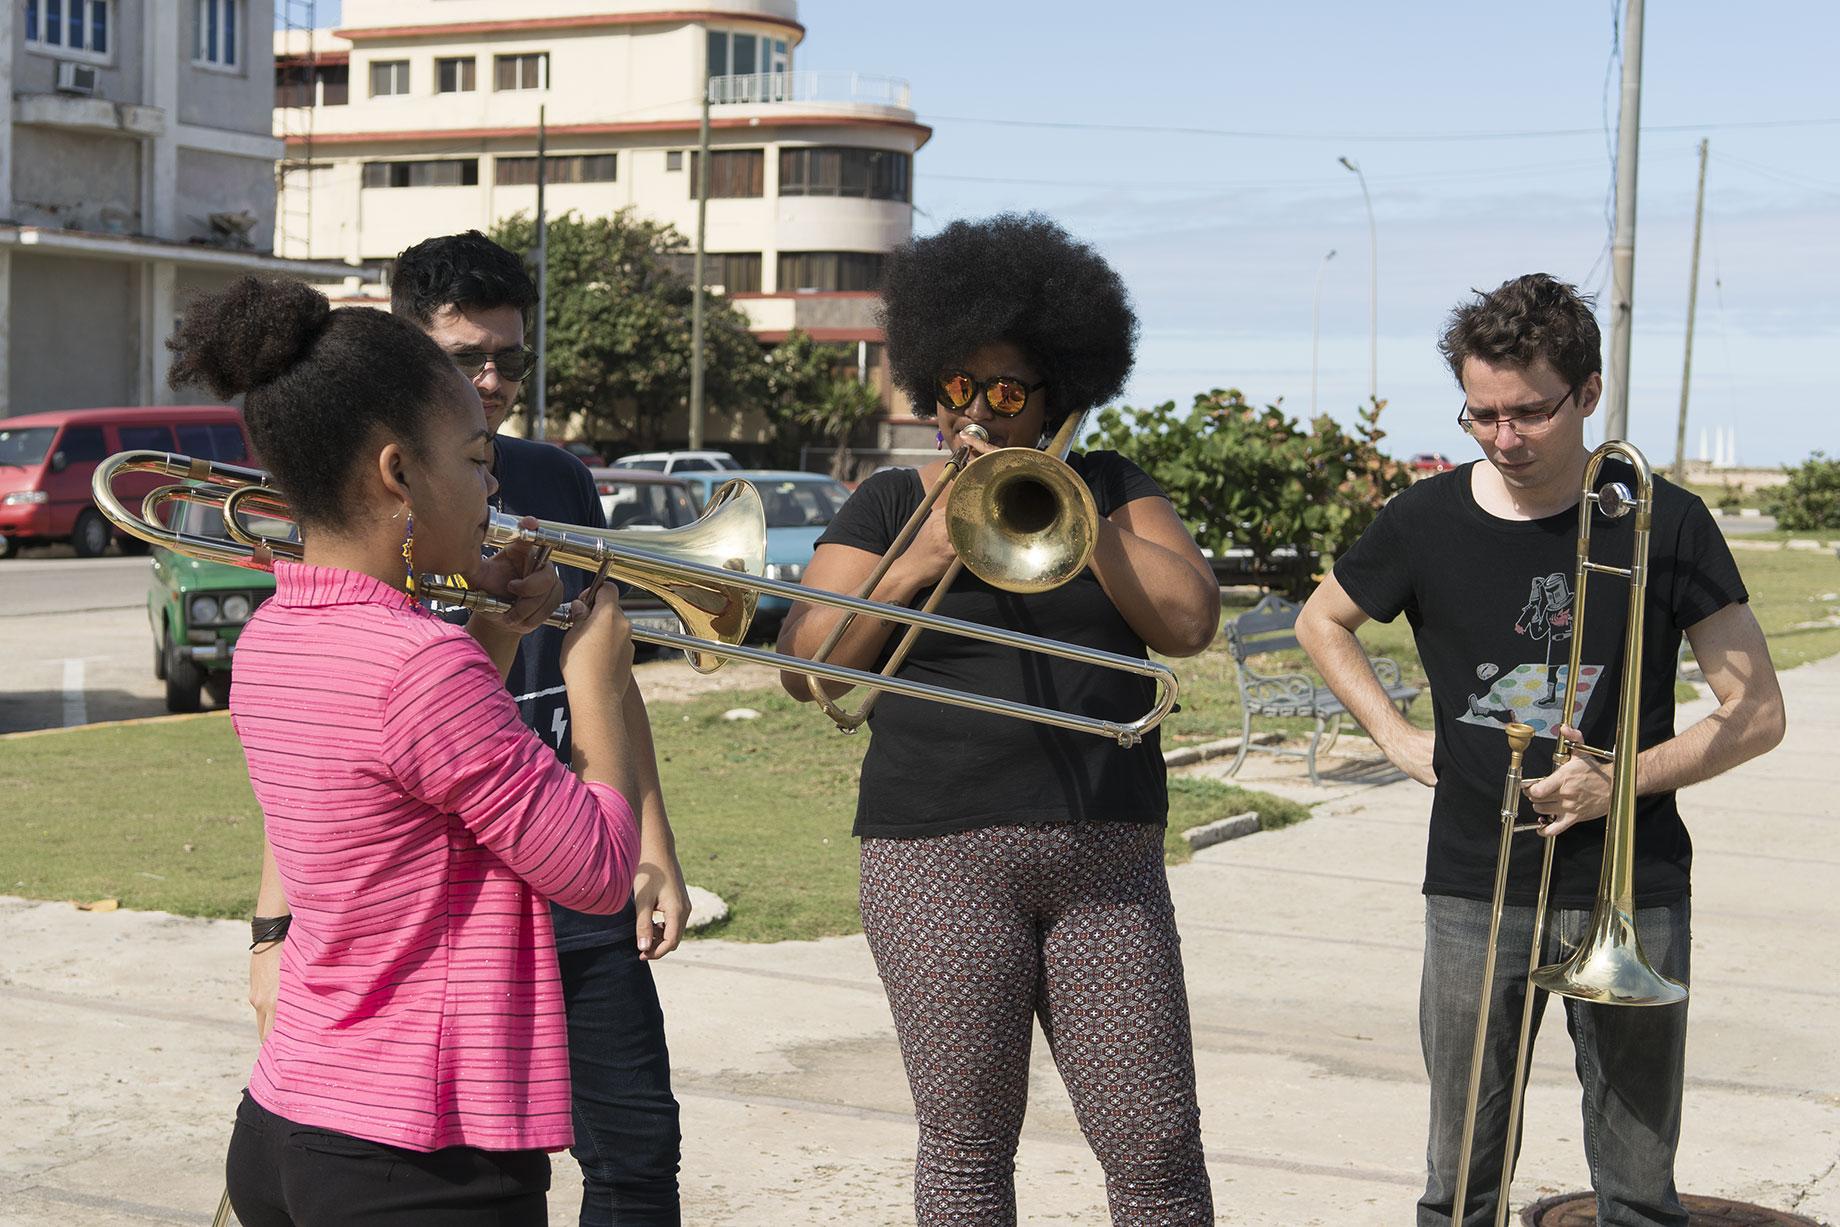 Granma. Les trombones de La Havane de Stefan Kaegi – Rimini Protokol